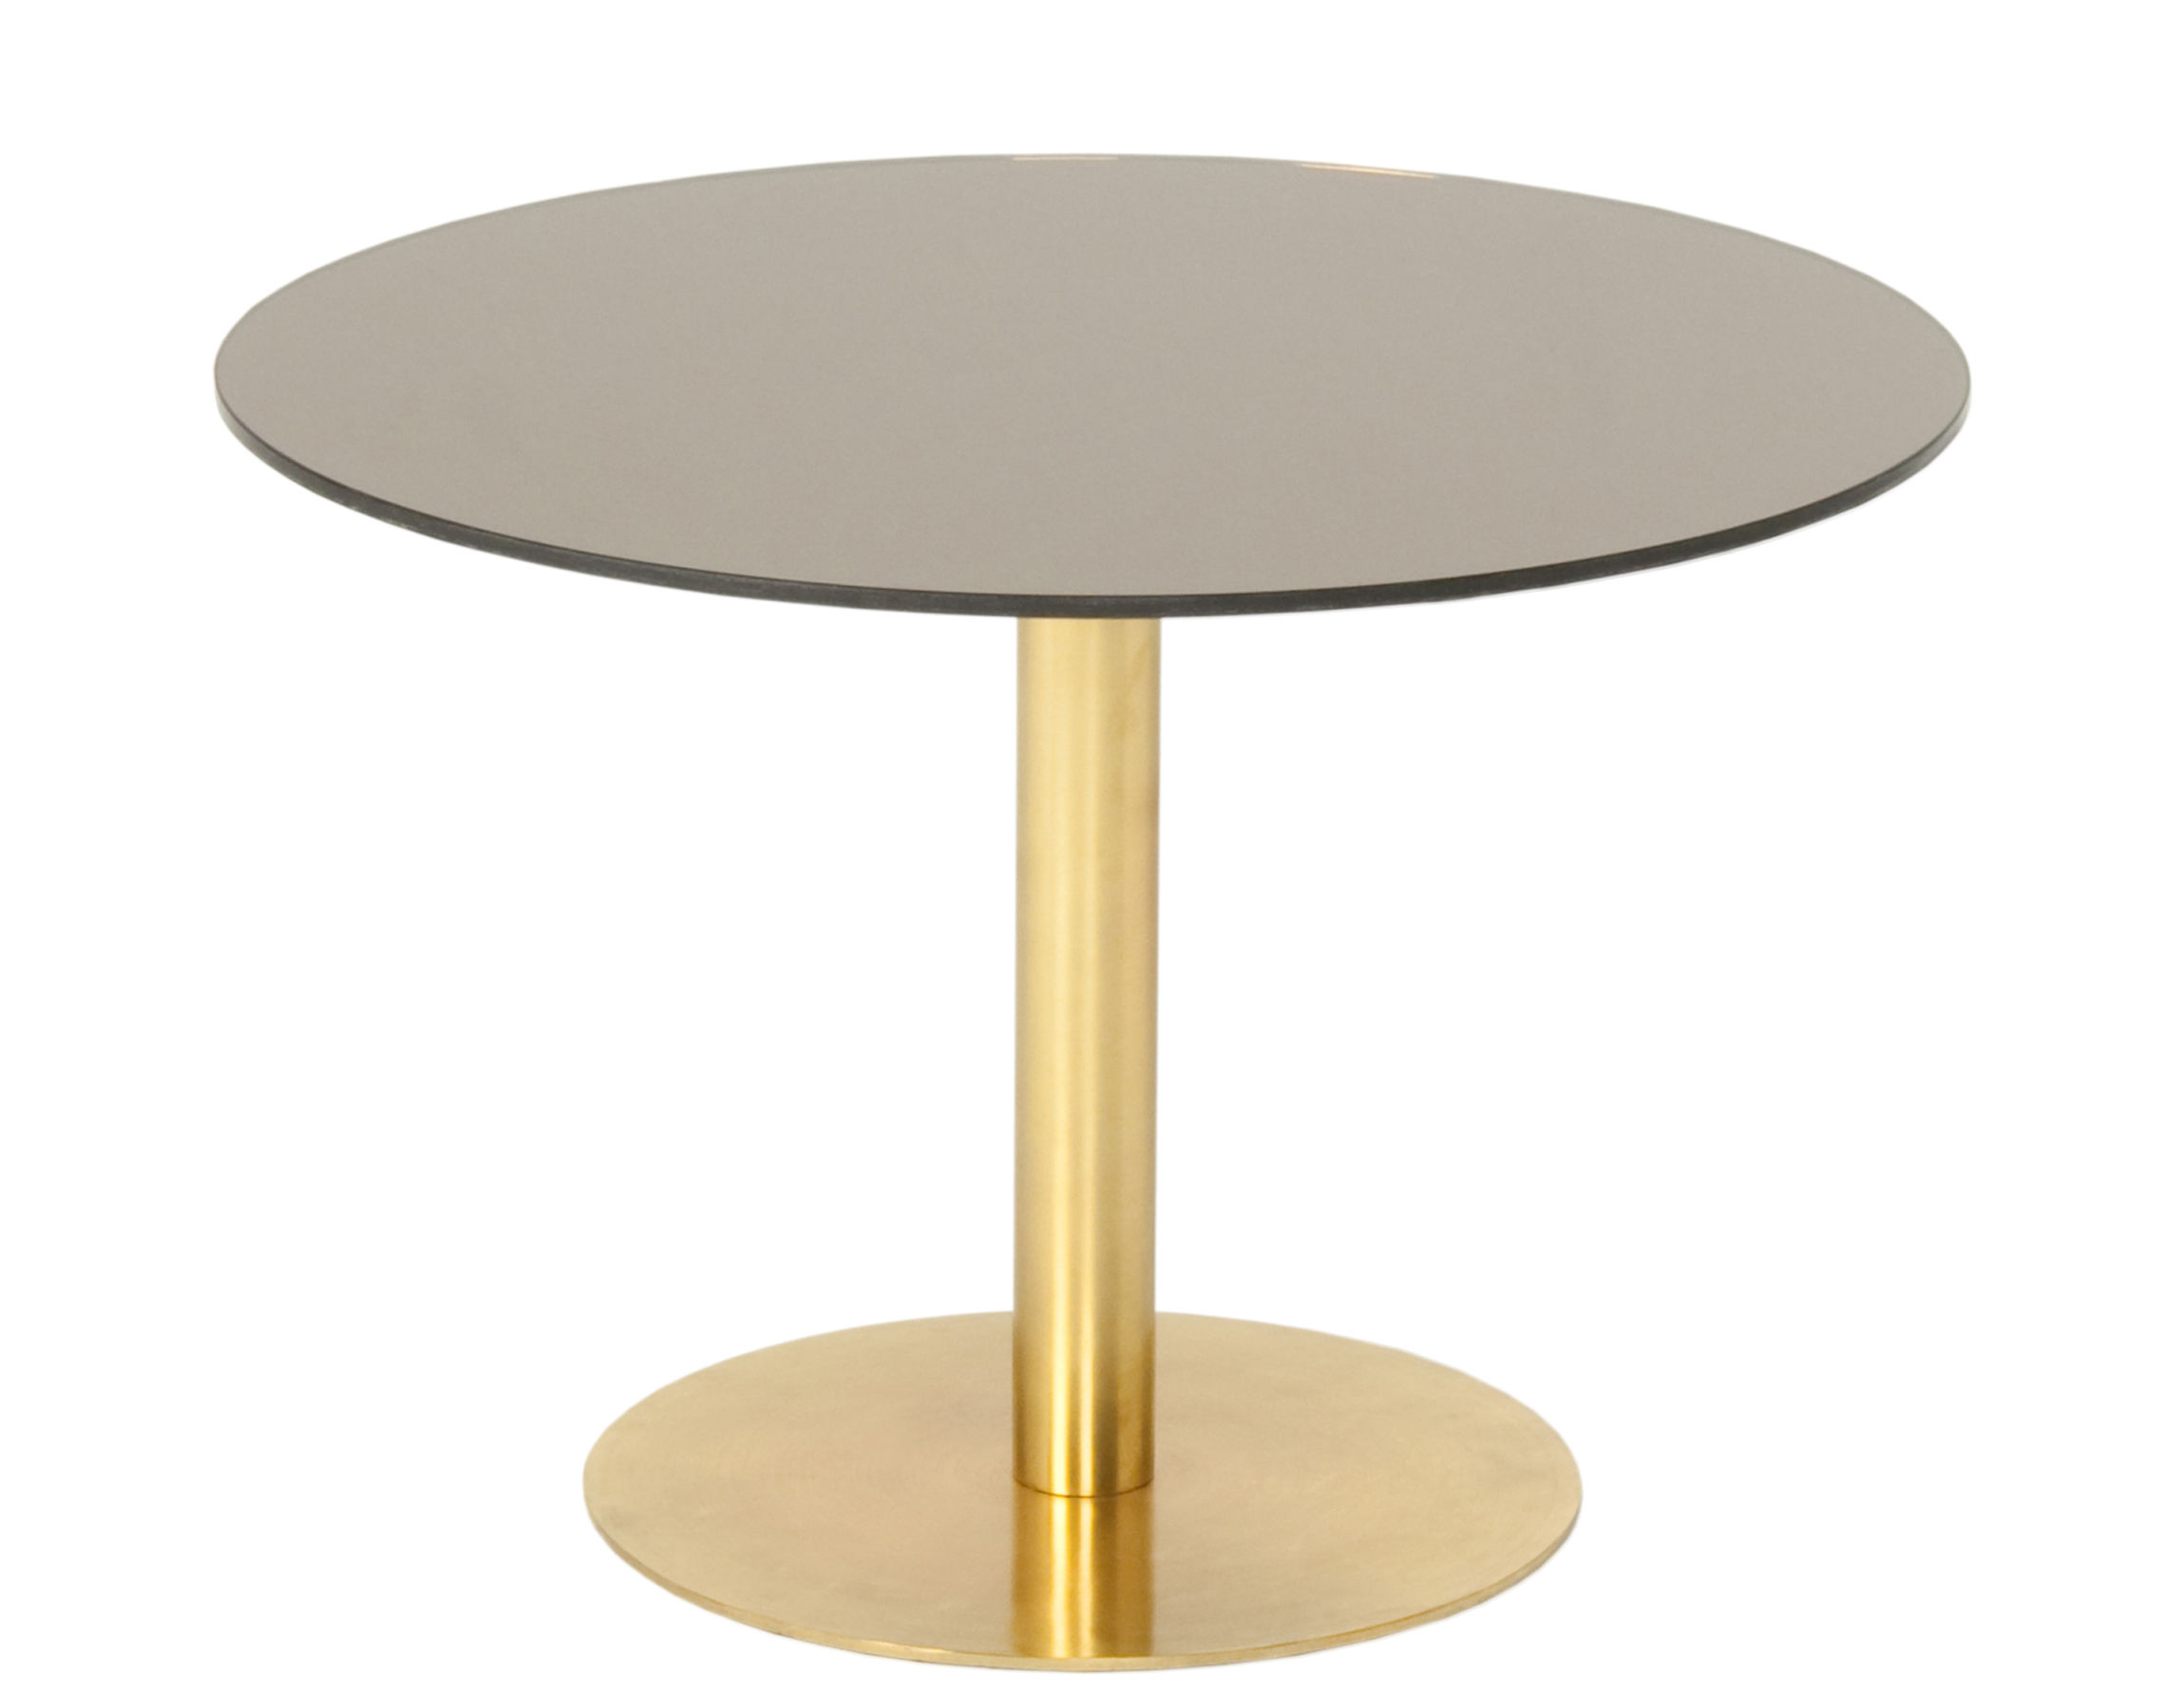 Mobilier - Tables basses - Table basse Flash / Verre - Ø 60 x H 40 cm - Tom Dixon - Bronze / Pied or - Laiton, Verre avec film cuivré